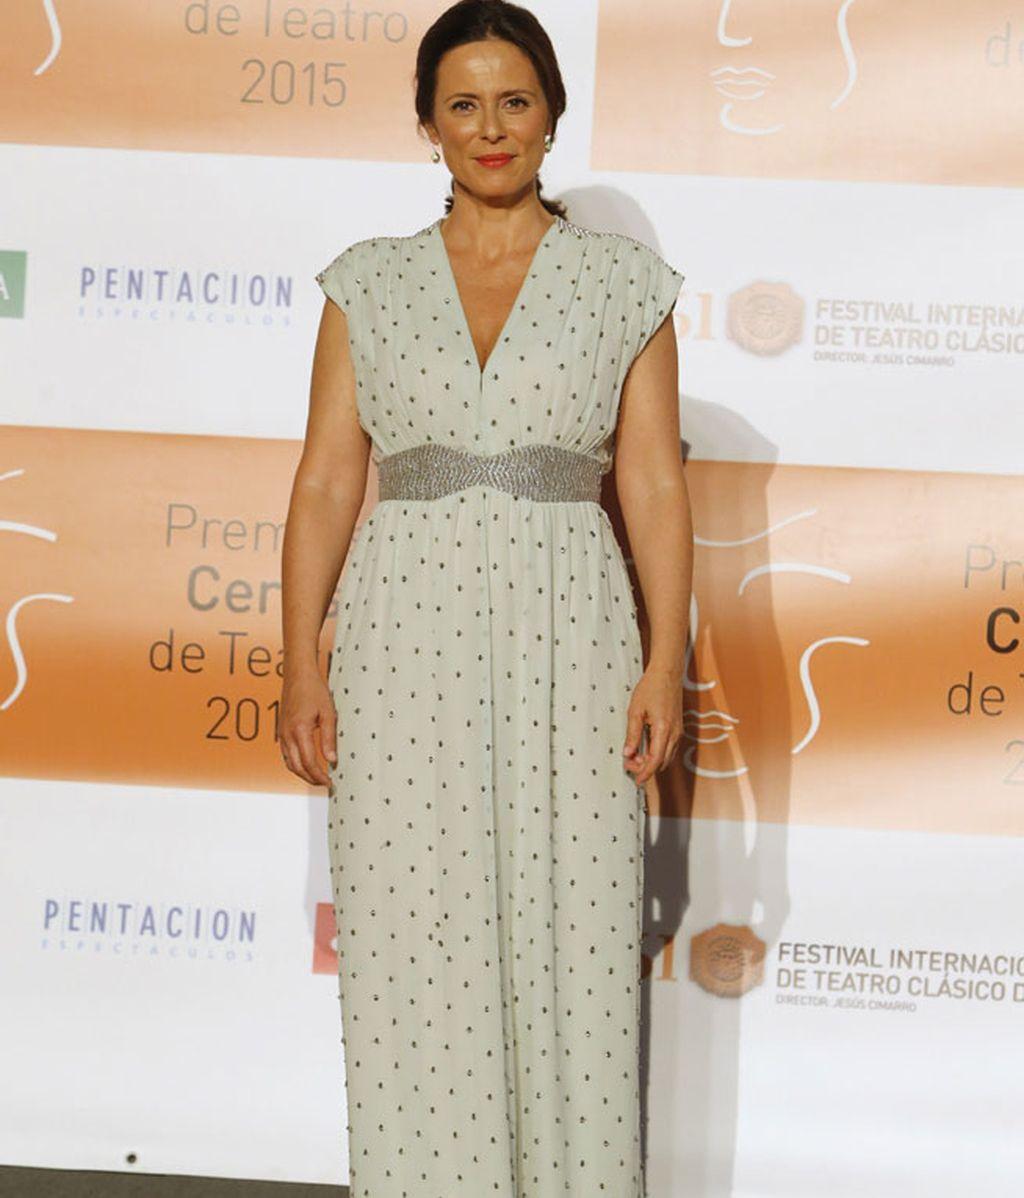 El vestido de lunares y de corte romano de Aitana Sánchez Gijón